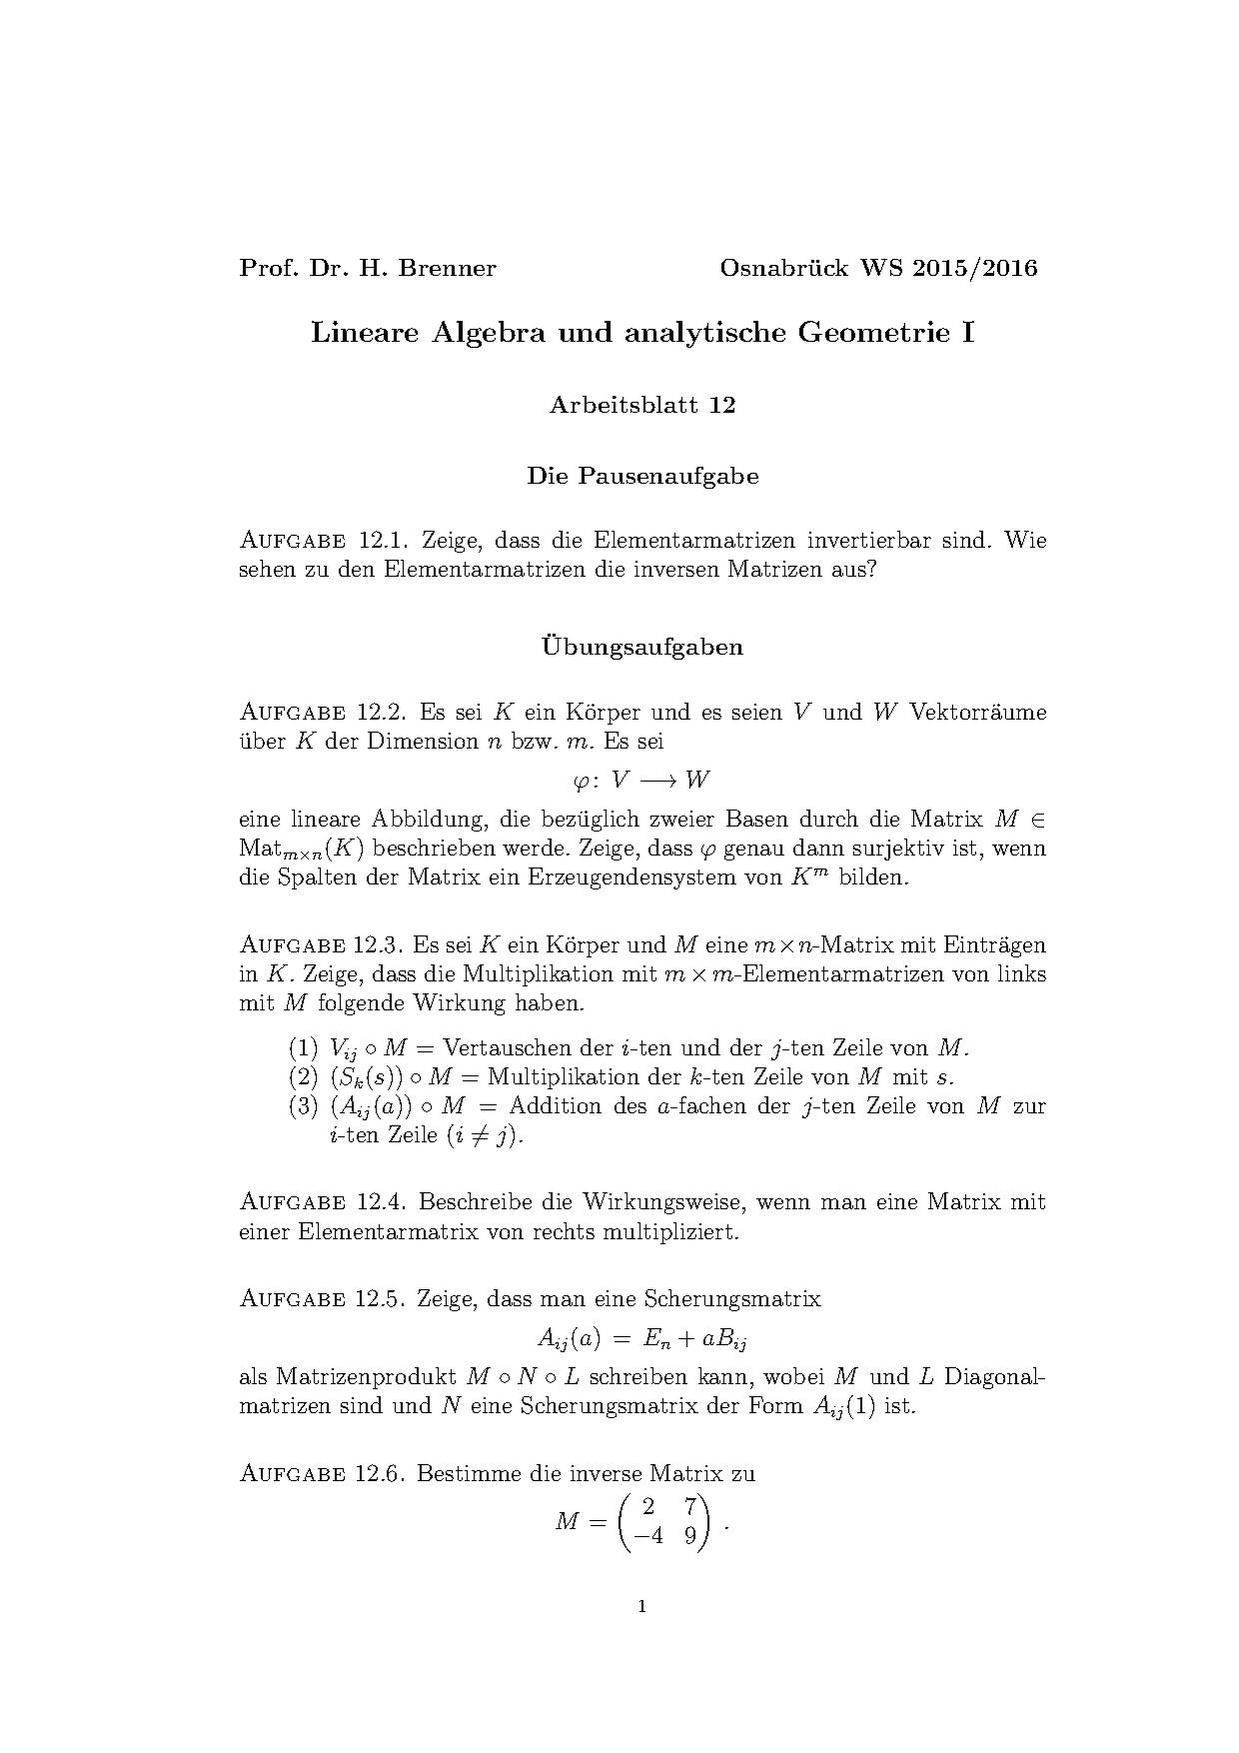 File:Lineare Algebra (Osnabrück 2015-2016)Teil IArbeitsblatt12.pdf ...